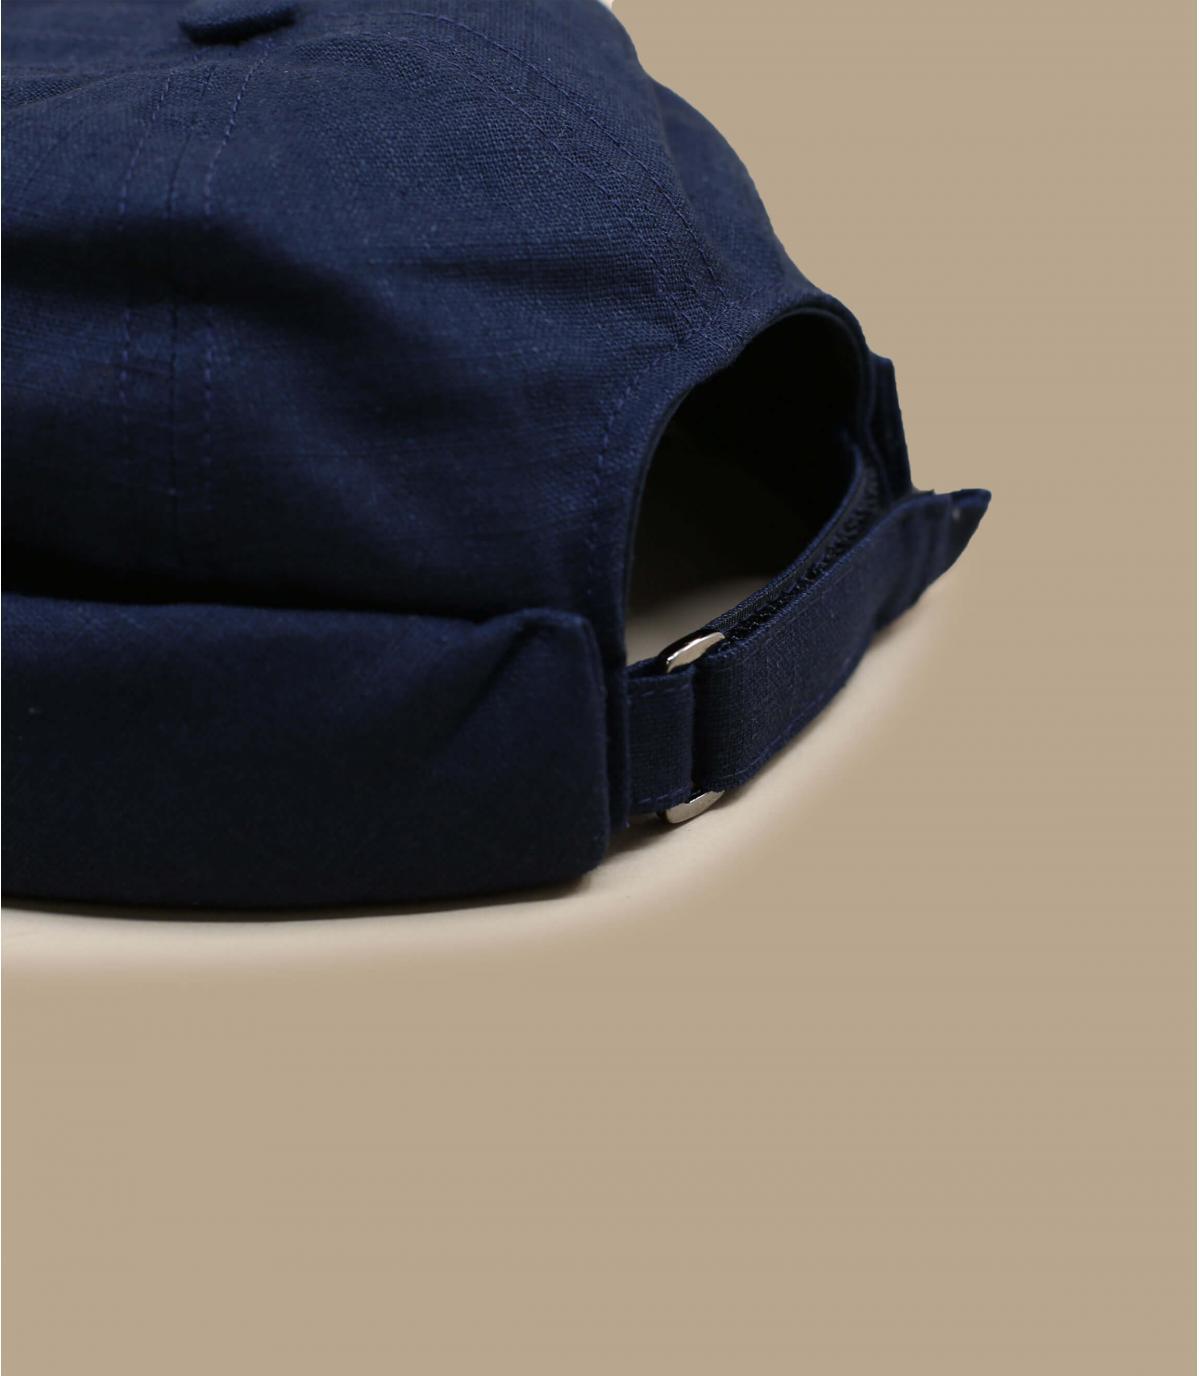 Details Cooper Linen navy - afbeeling 3